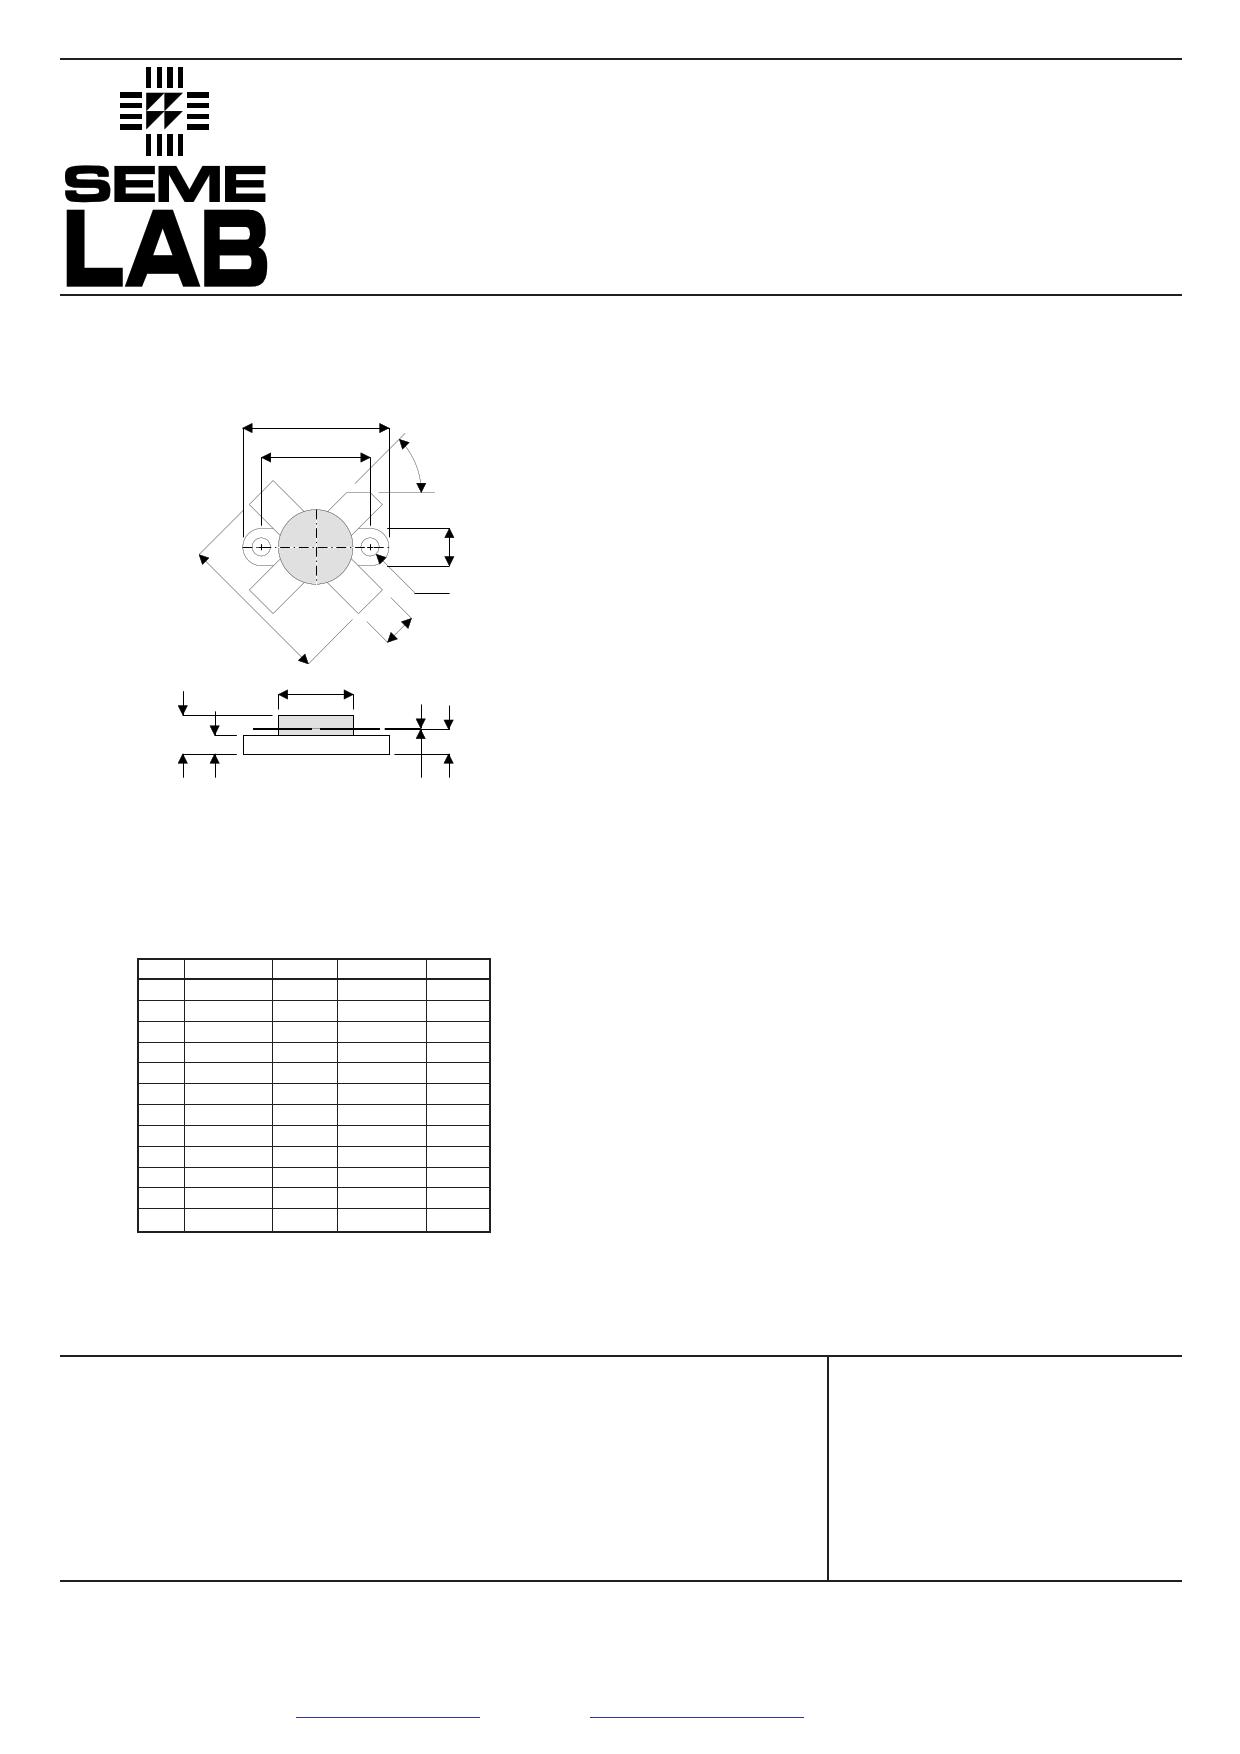 D1003UK Hoja de datos, Descripción, Manual